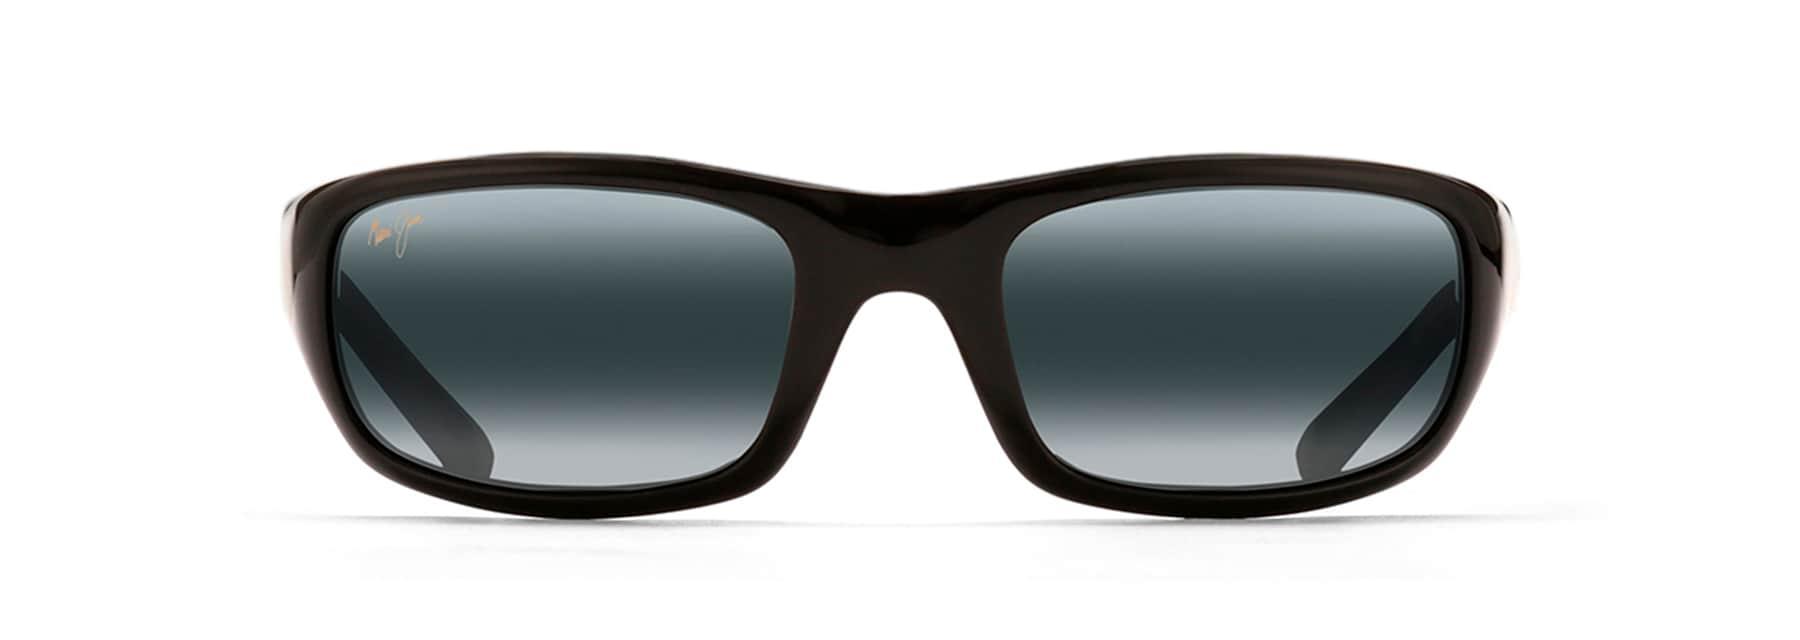 Polarized IKON Replacement Lenses for Maui Jim Stingray MJ-103 Sunglasses 12 Colors